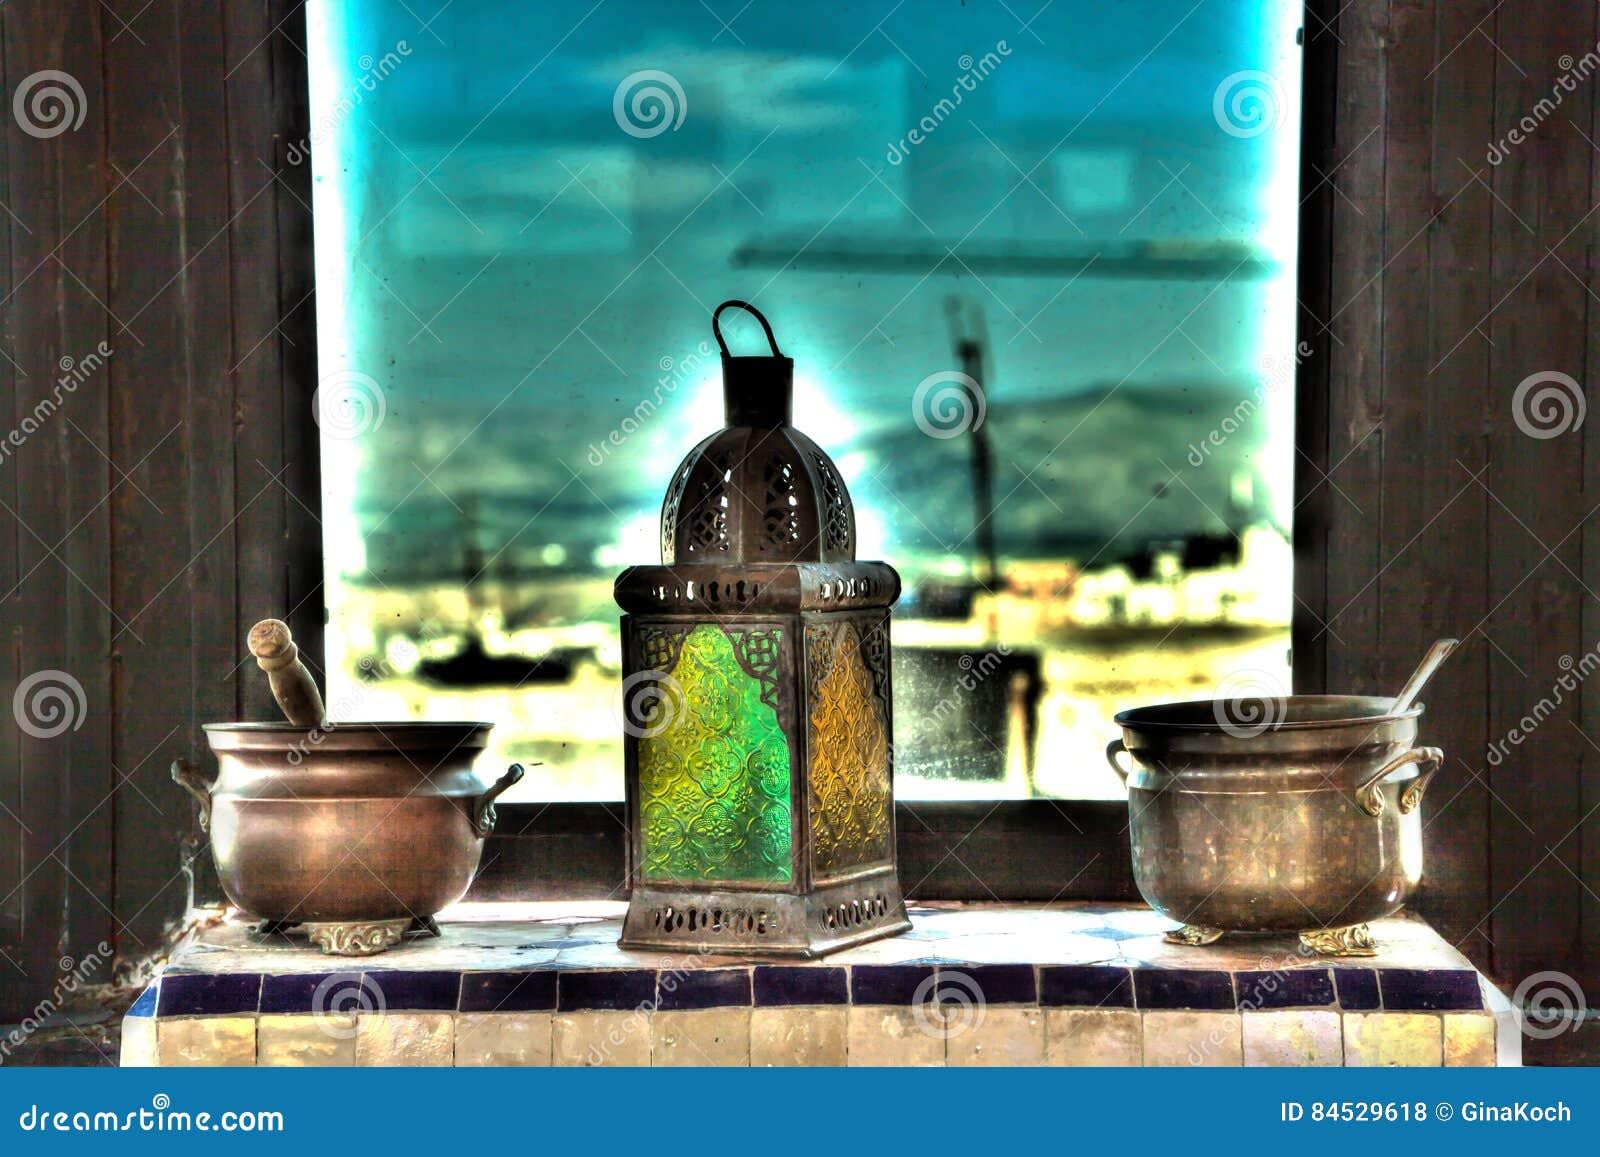 Lampen Oosterse Stijl : Vazen potten en lampen als van duizend één nacht in oosterse